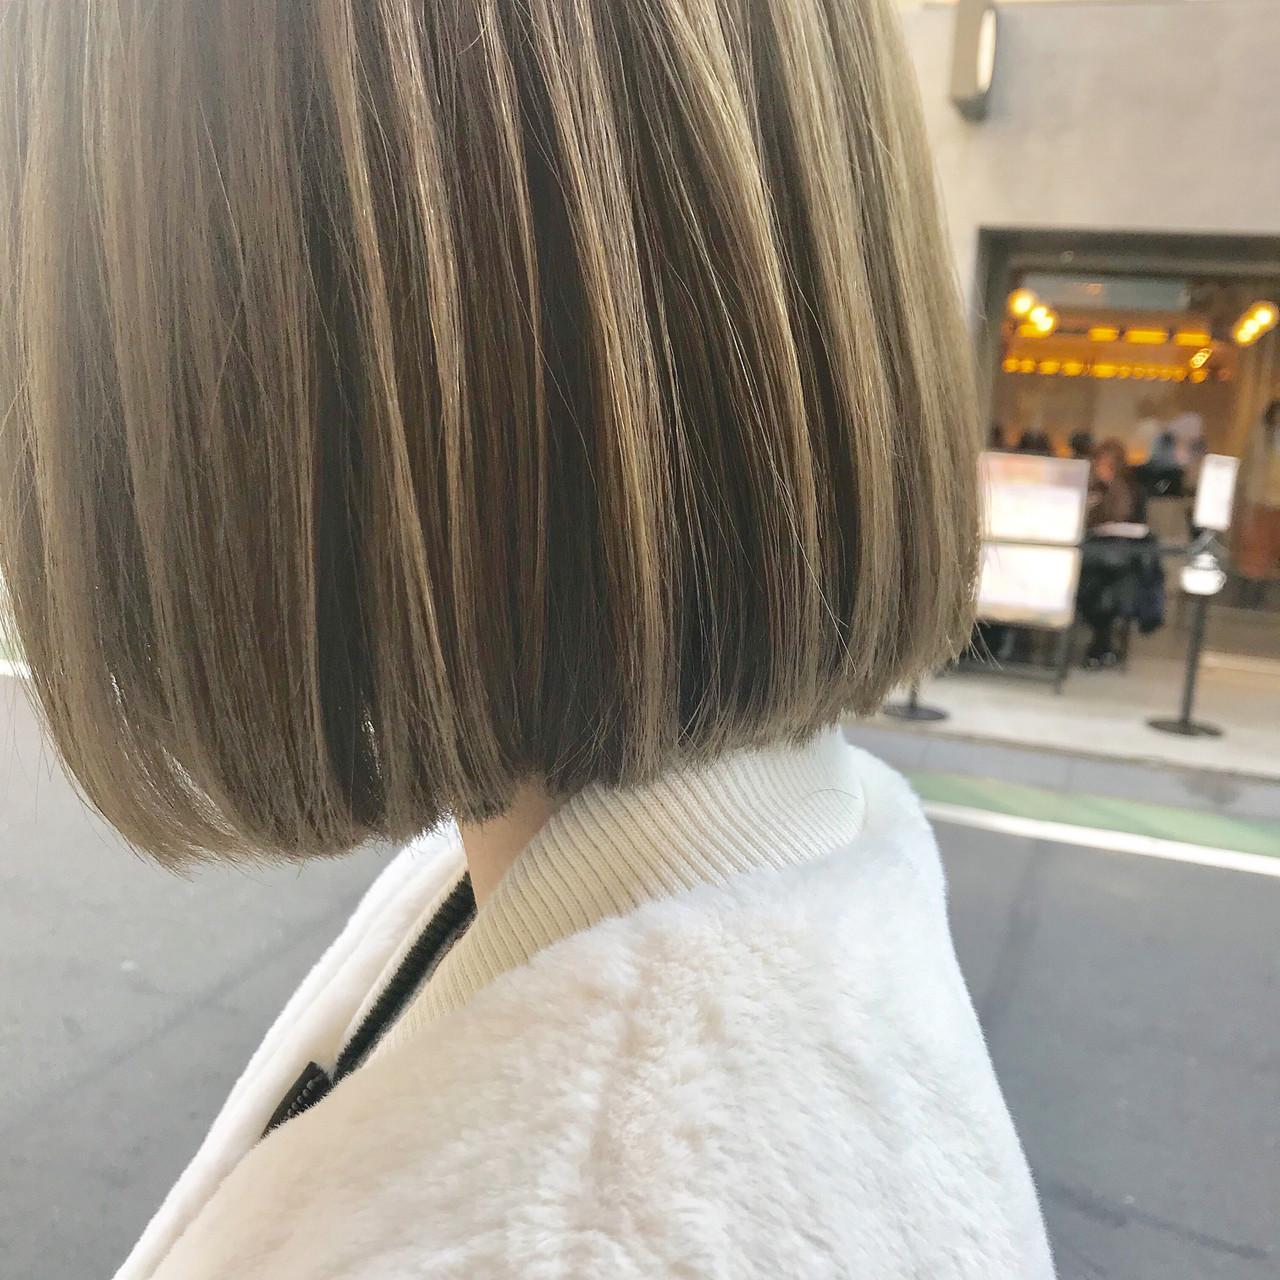 ボブ アンニュイほつれヘア 結婚式 ナチュラル ヘアスタイルや髪型の写真・画像 | 槙山ユースケ/トップスタイリスト / chobii